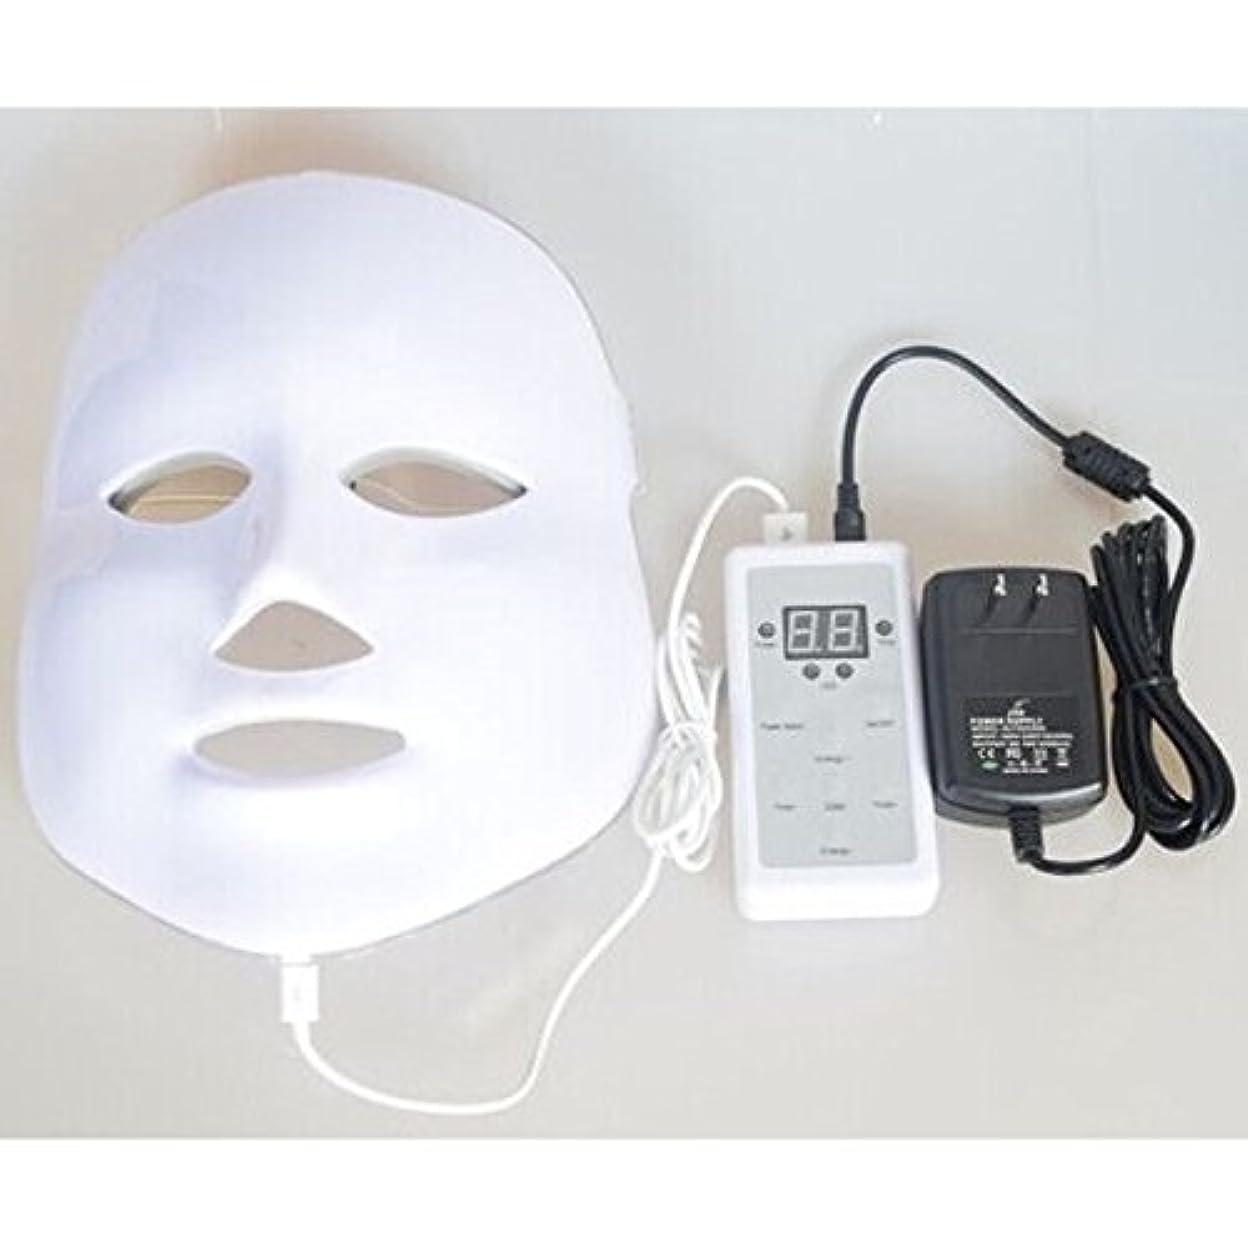 バウンス焼くくLED美顔器 7色 美顔マスク 美容 たるみ ほうれい線 美肌 ニキビ対策 コラーゲン生成 美白 エイジングケア